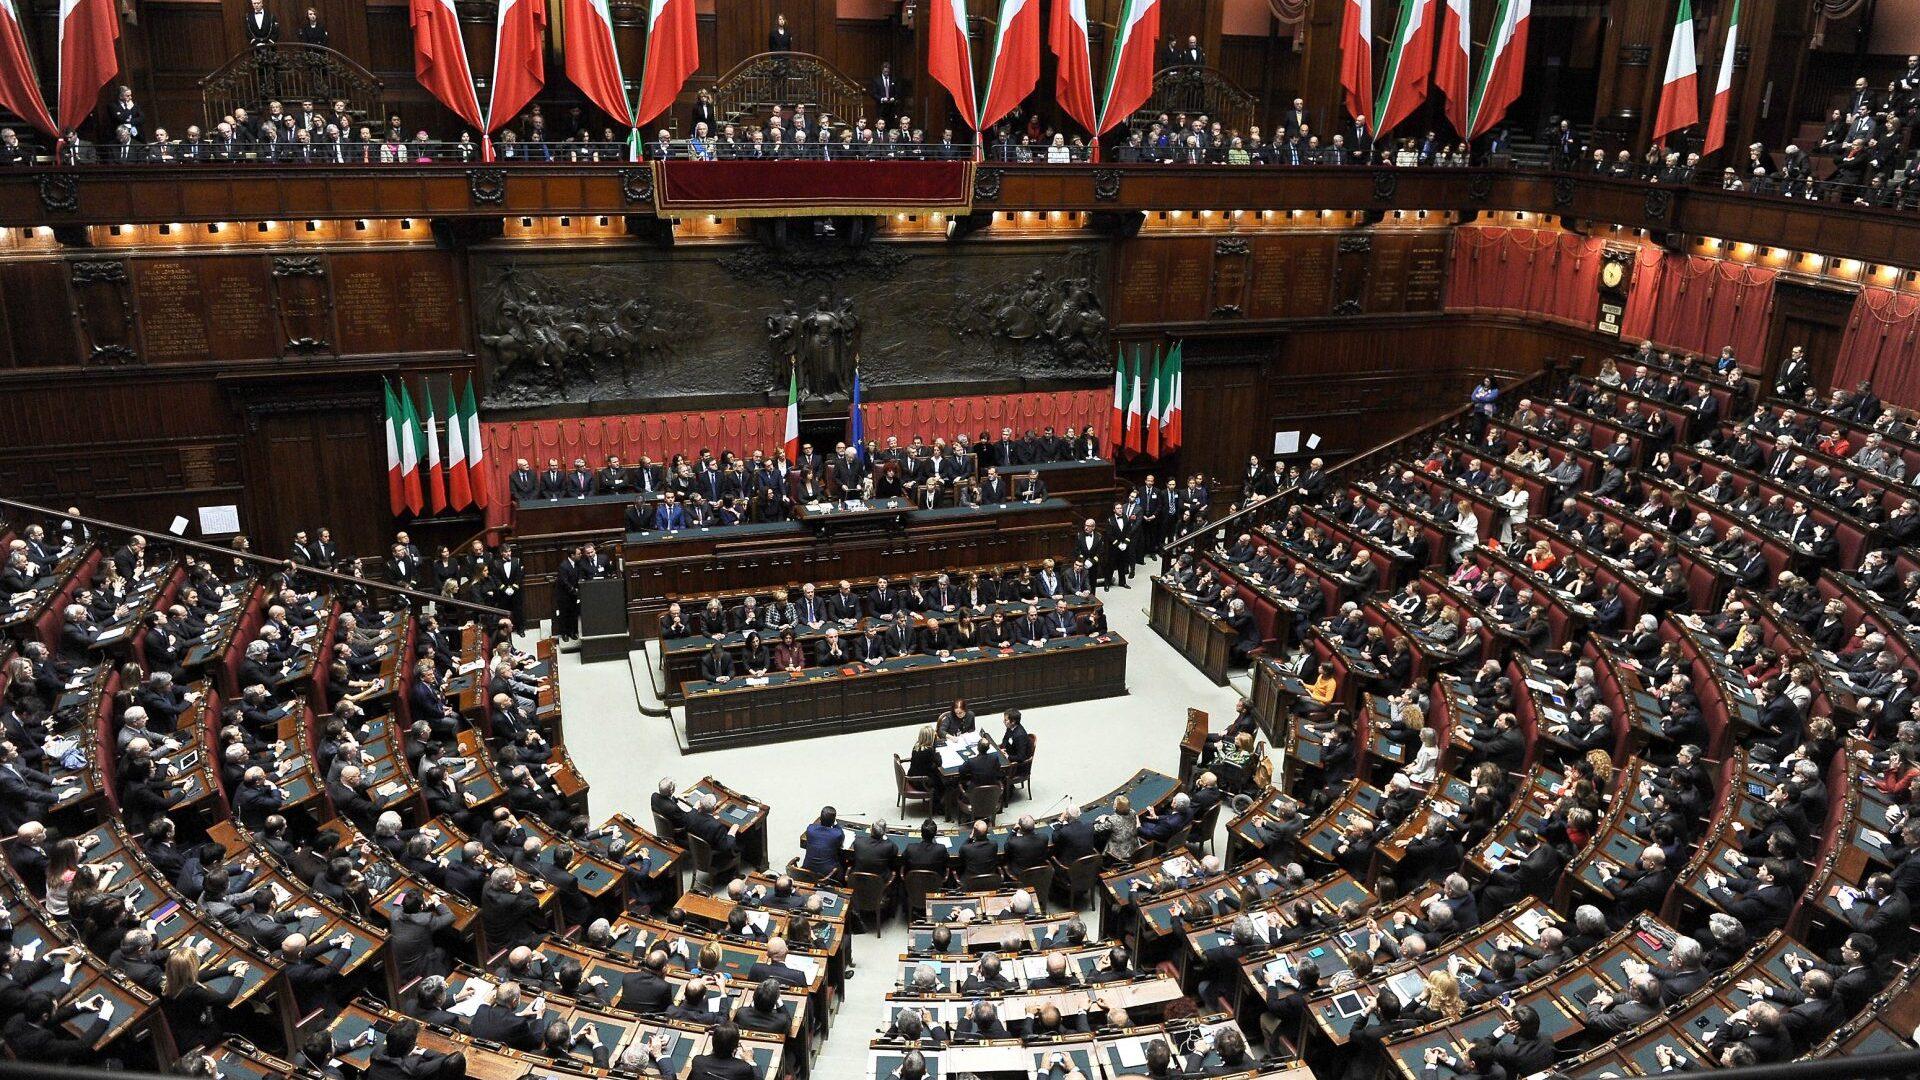 La legge elettorale e il futuro della rappresentanza